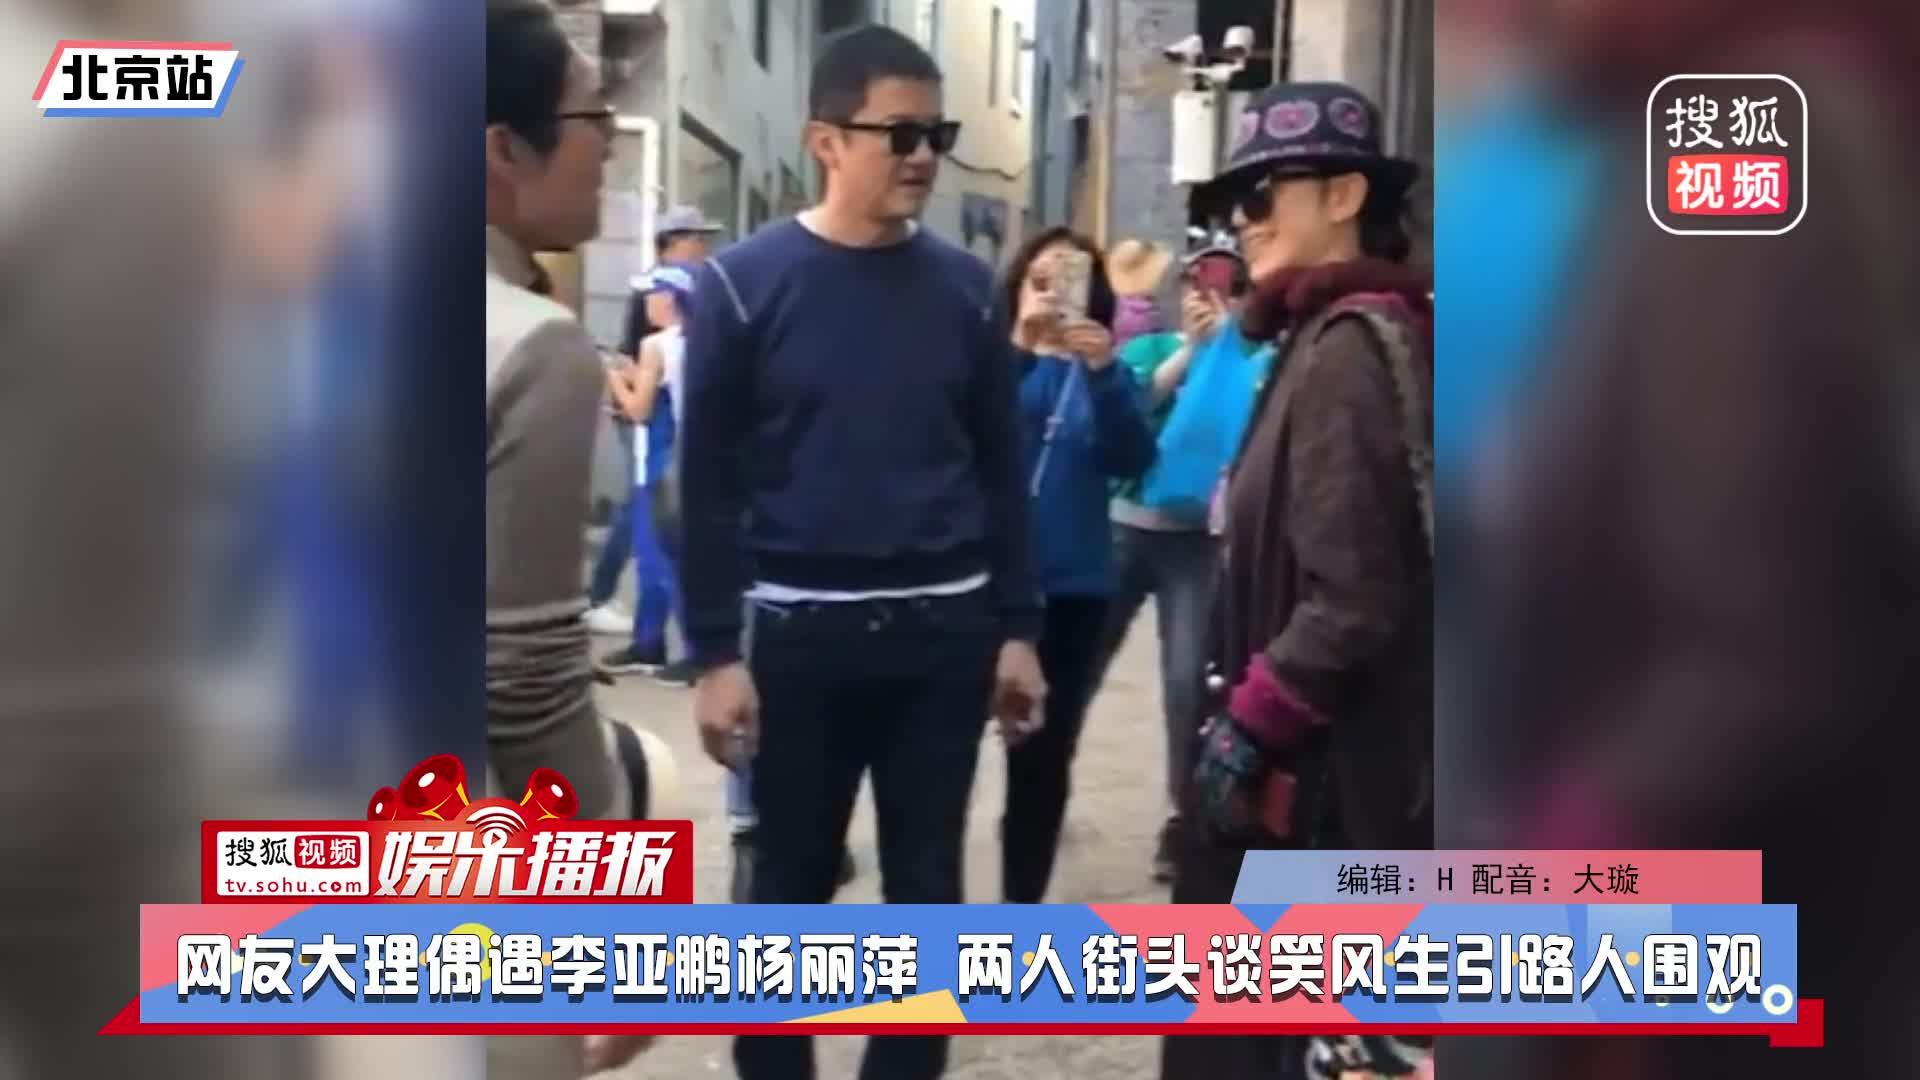 网友大理偶遇李亚鹏杨丽萍 两人街头谈笑风生引路人围观